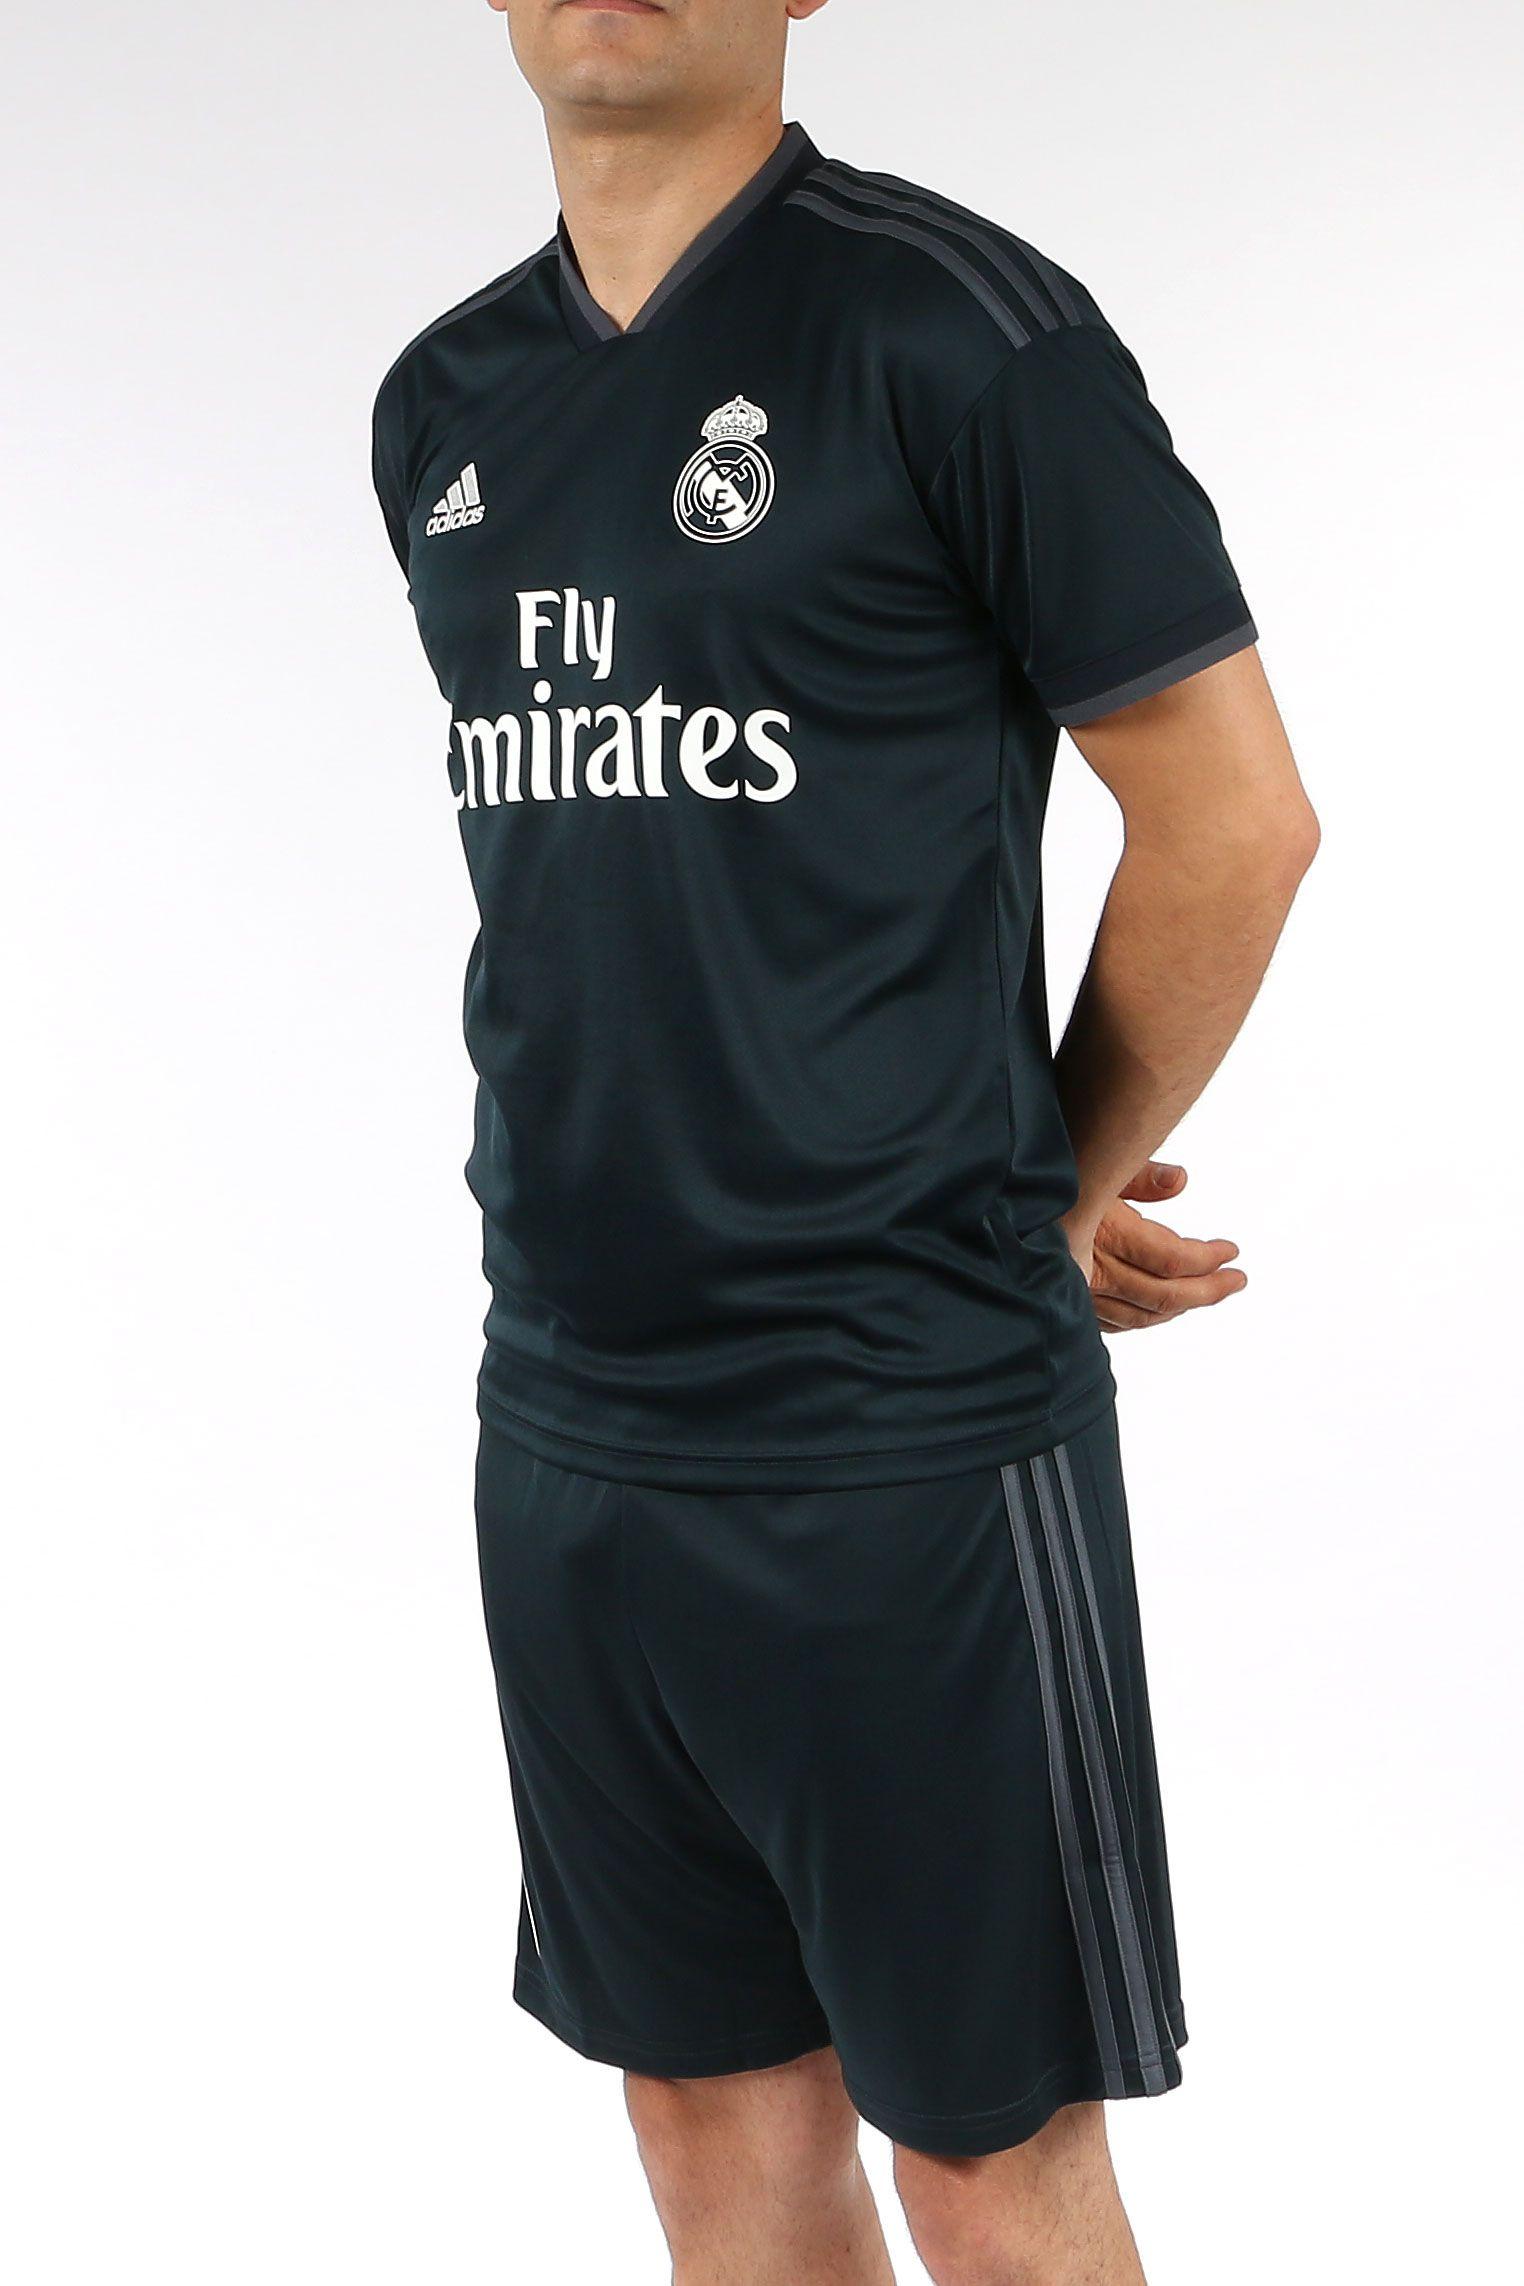 108fb066bfa10 Camiseta segunda equipación Real Madrid de La Liga 2018 - 2019 - negra